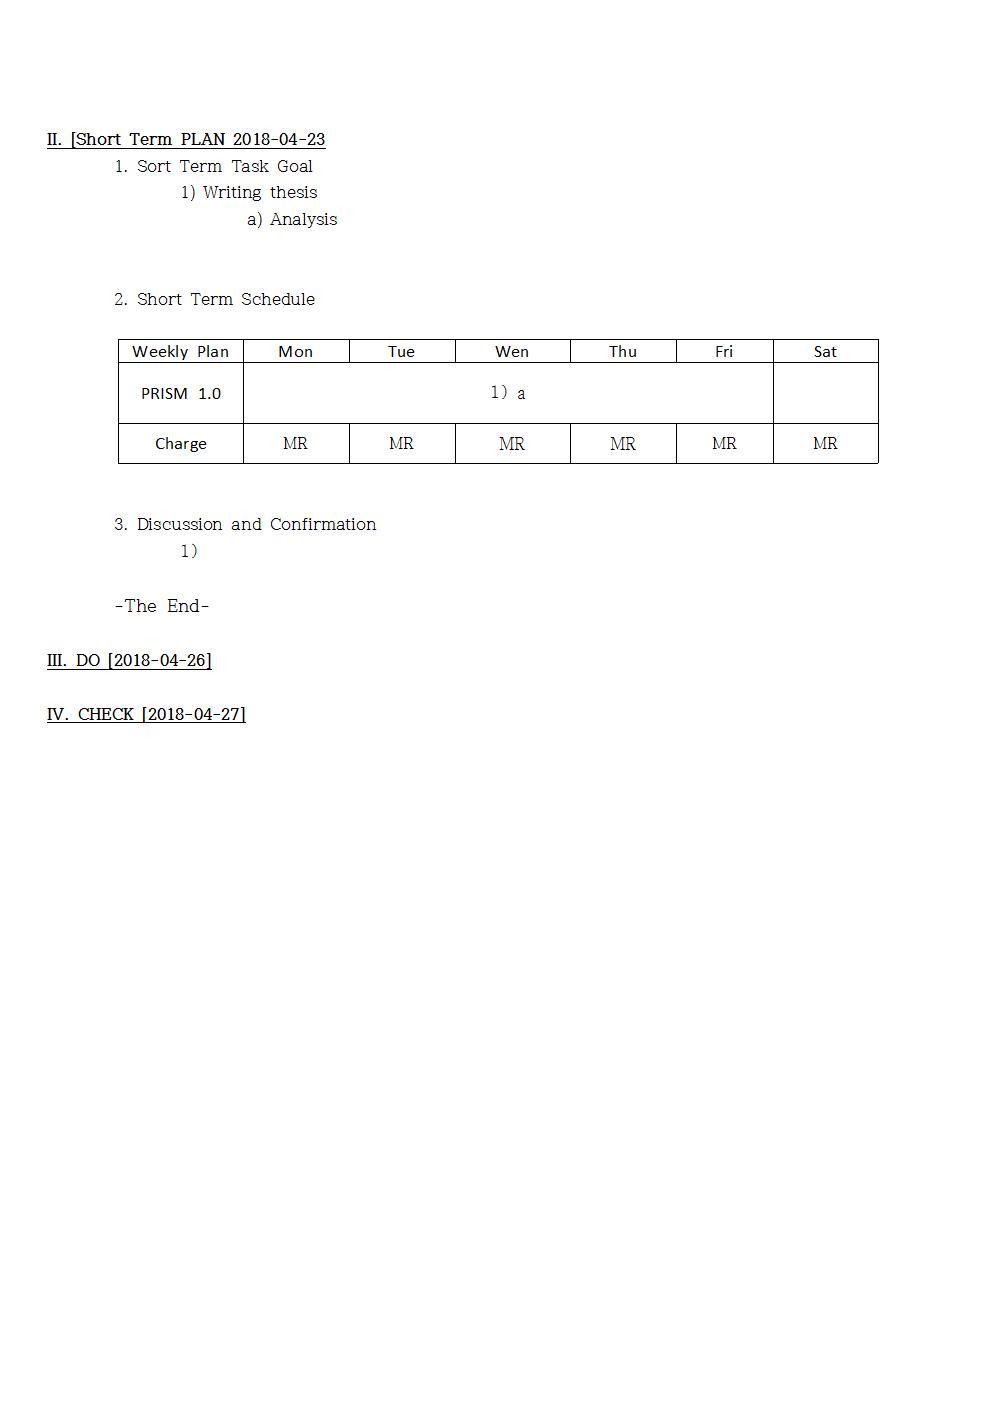 D-[18-039-PP-15]-[MS-Thesis-MR]-[2018-04-23]-[MR]002.jpg